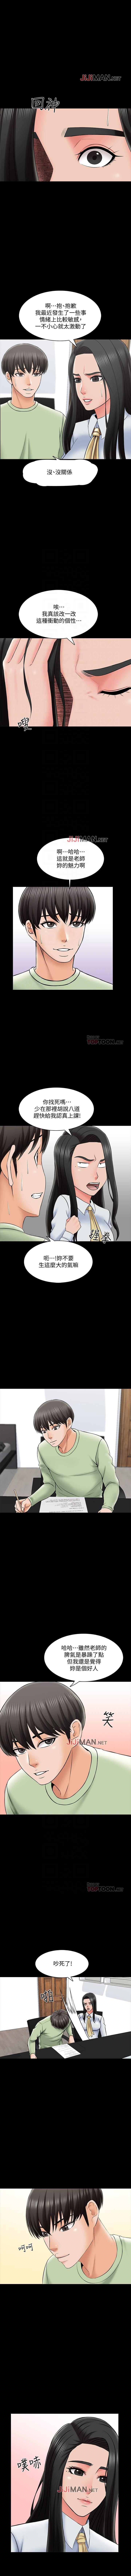 【周一连载】家教老师(作者: CreamMedia) 第1~44话 199